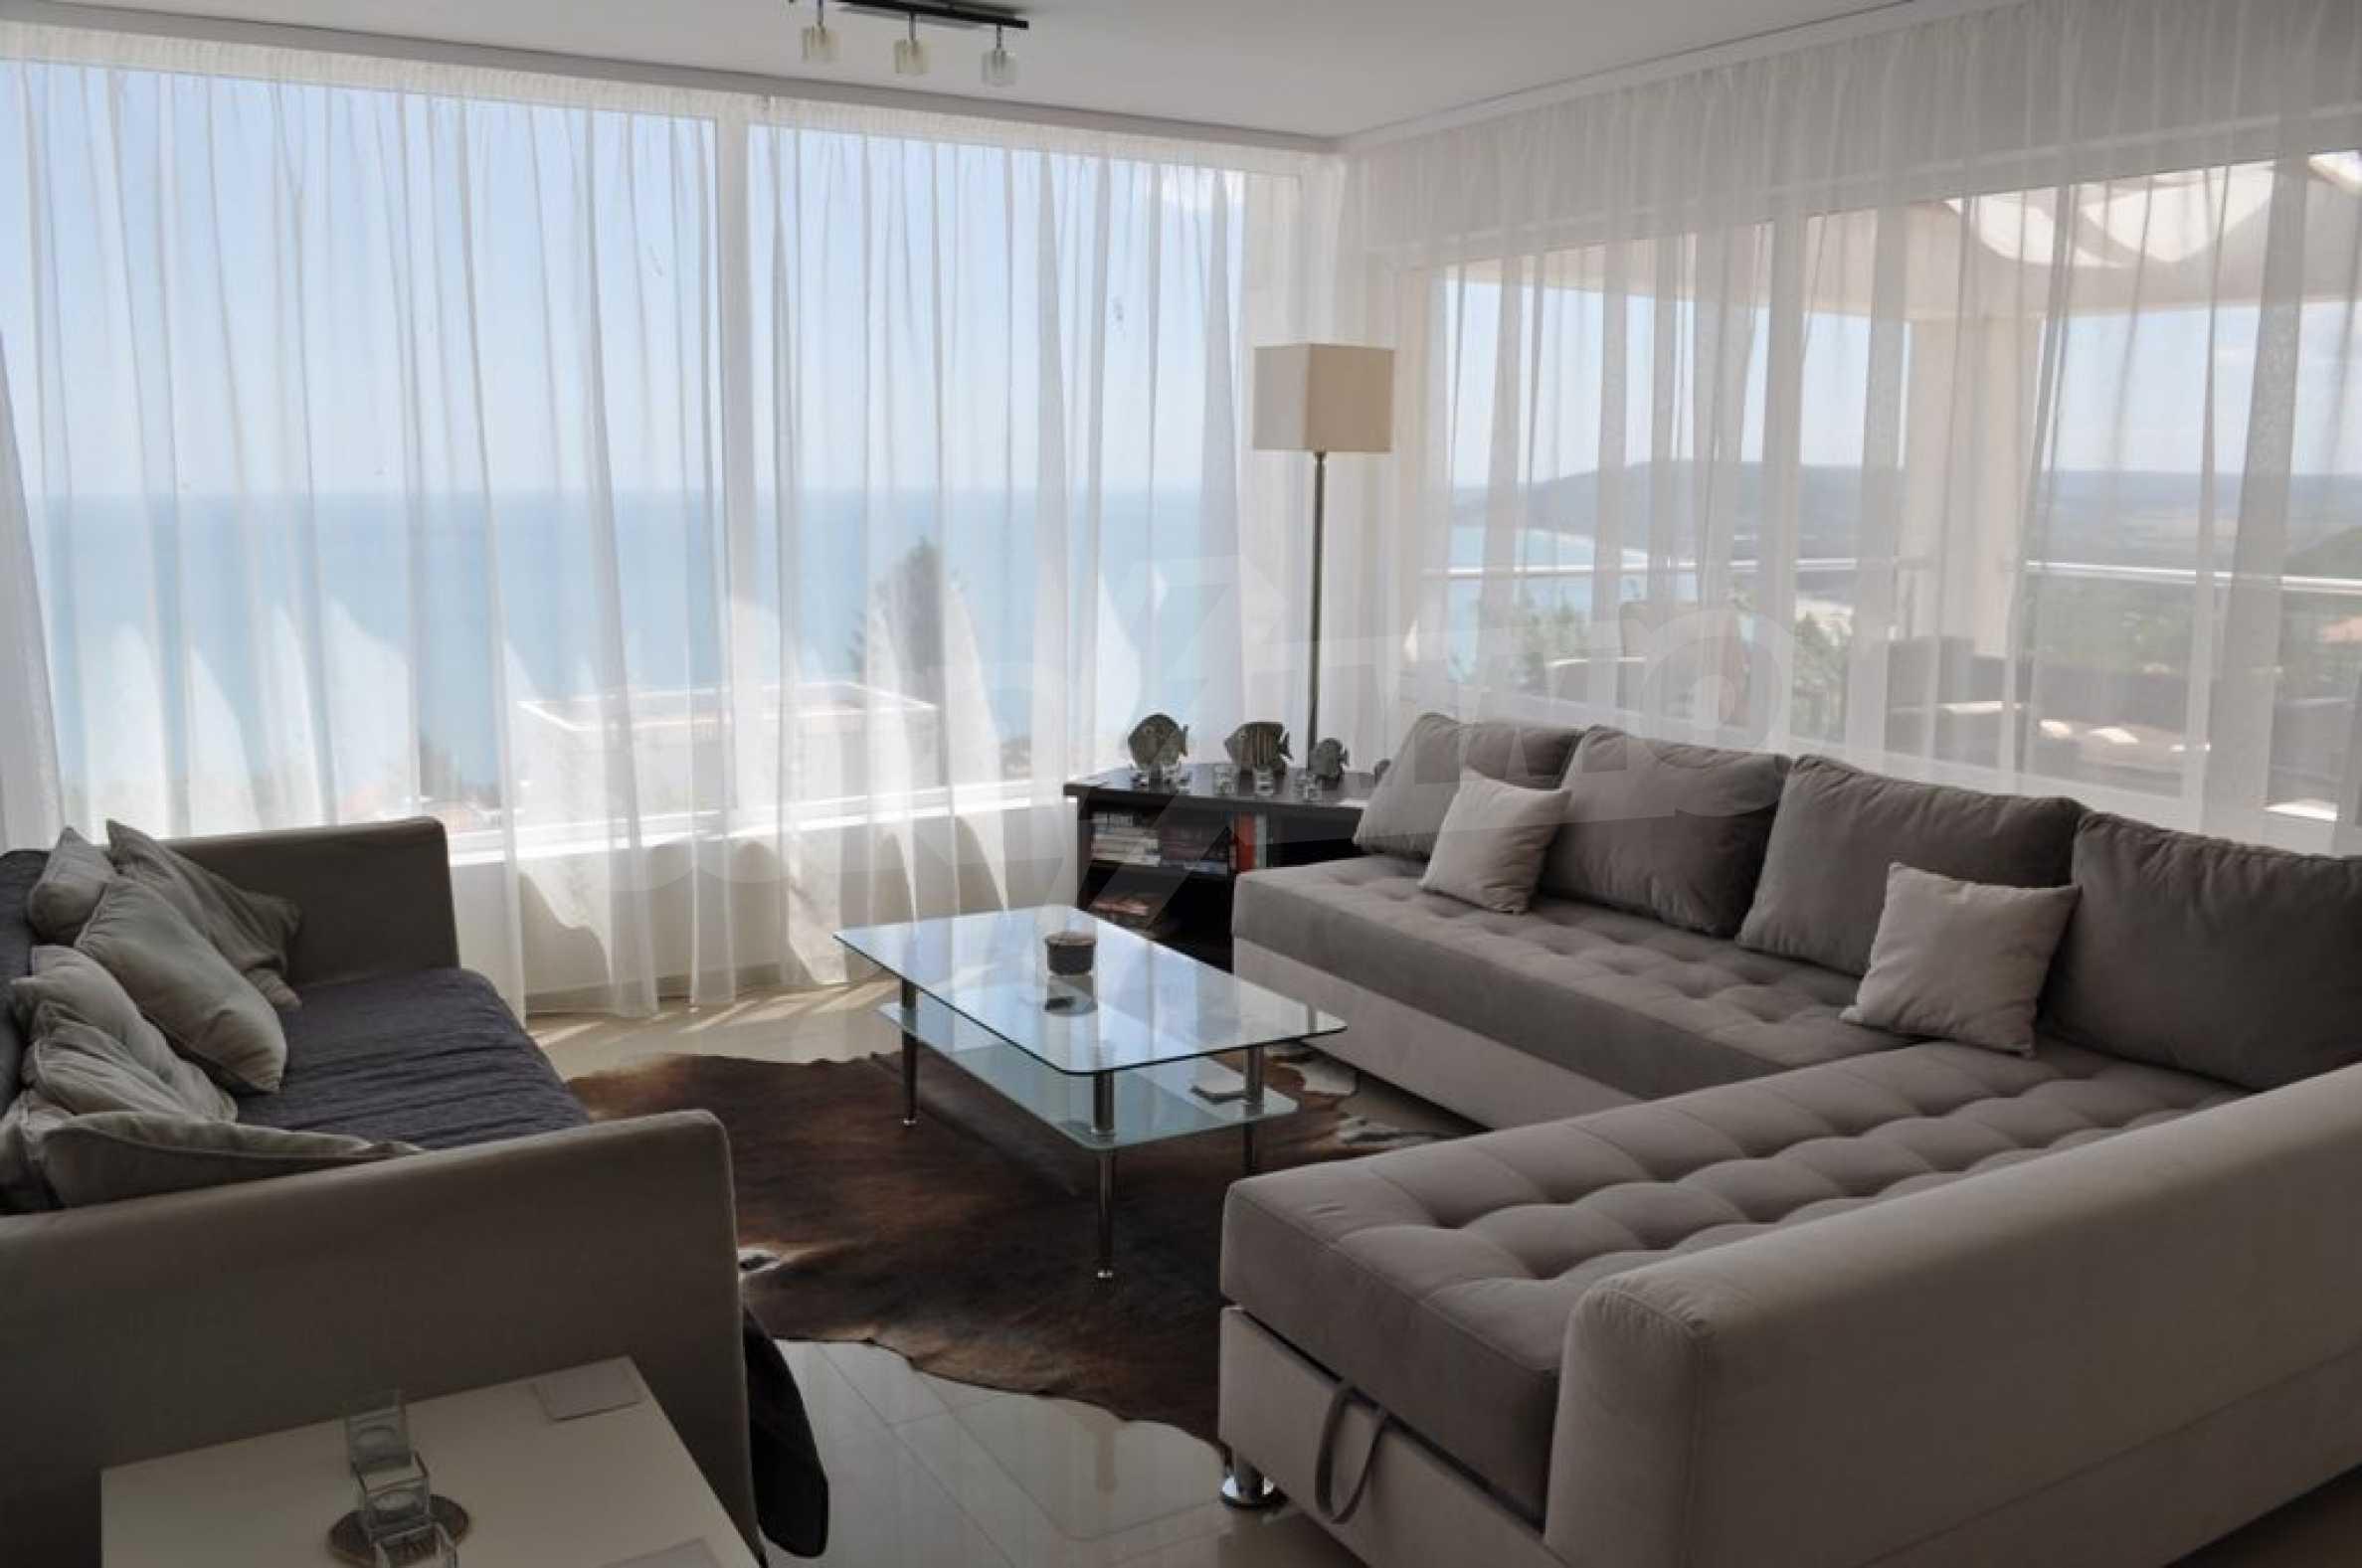 Luxusvilla mit 4 Schlafzimmern zu vermieten in der Nähe des Resorts. Albena 7